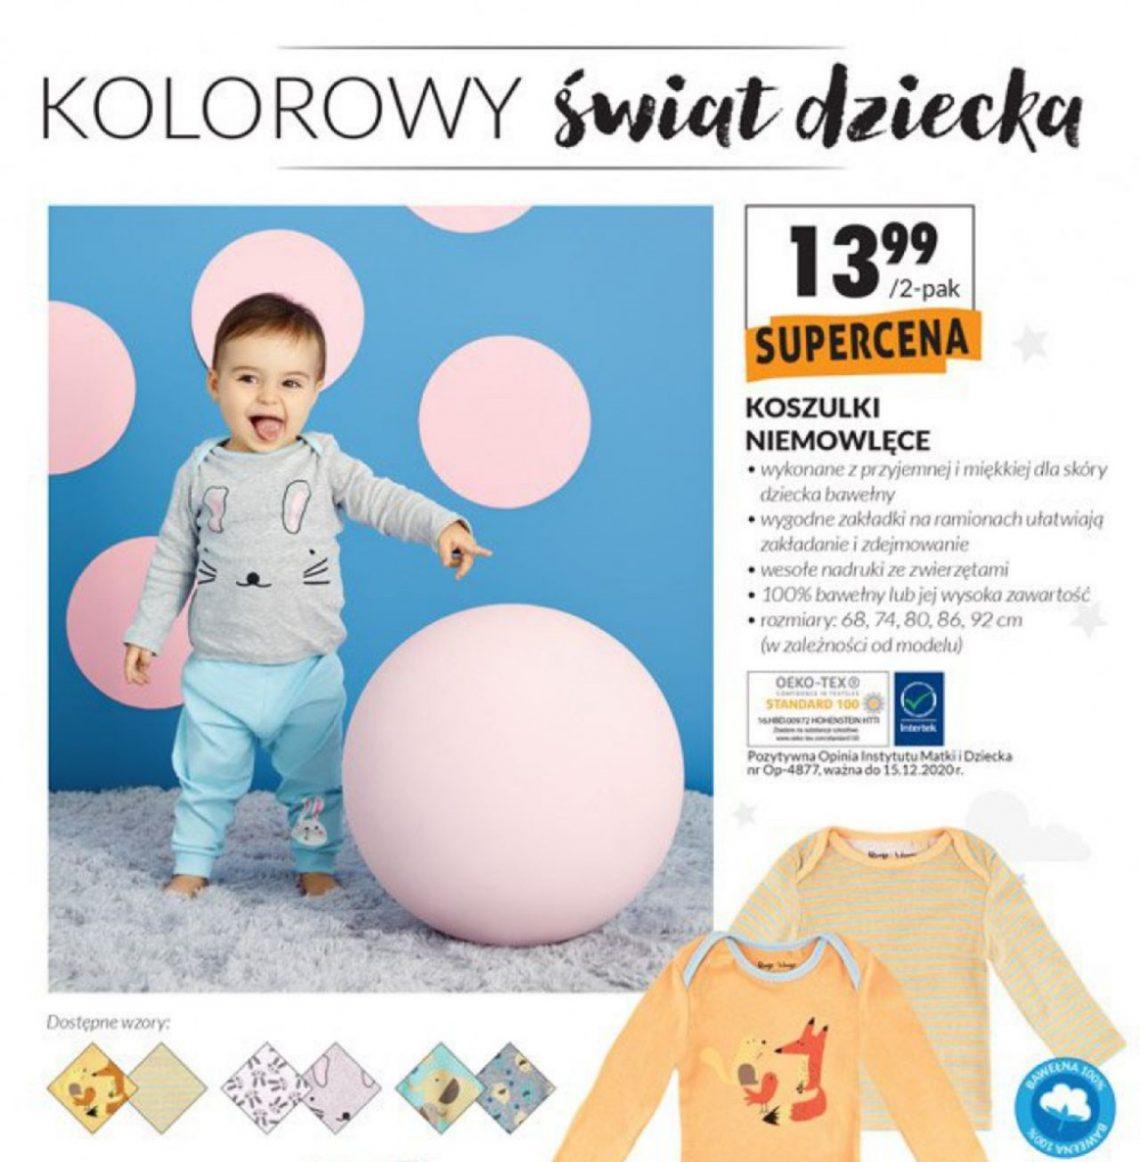 Nowa gazetka Biedronka, kolekcja dla dzieci